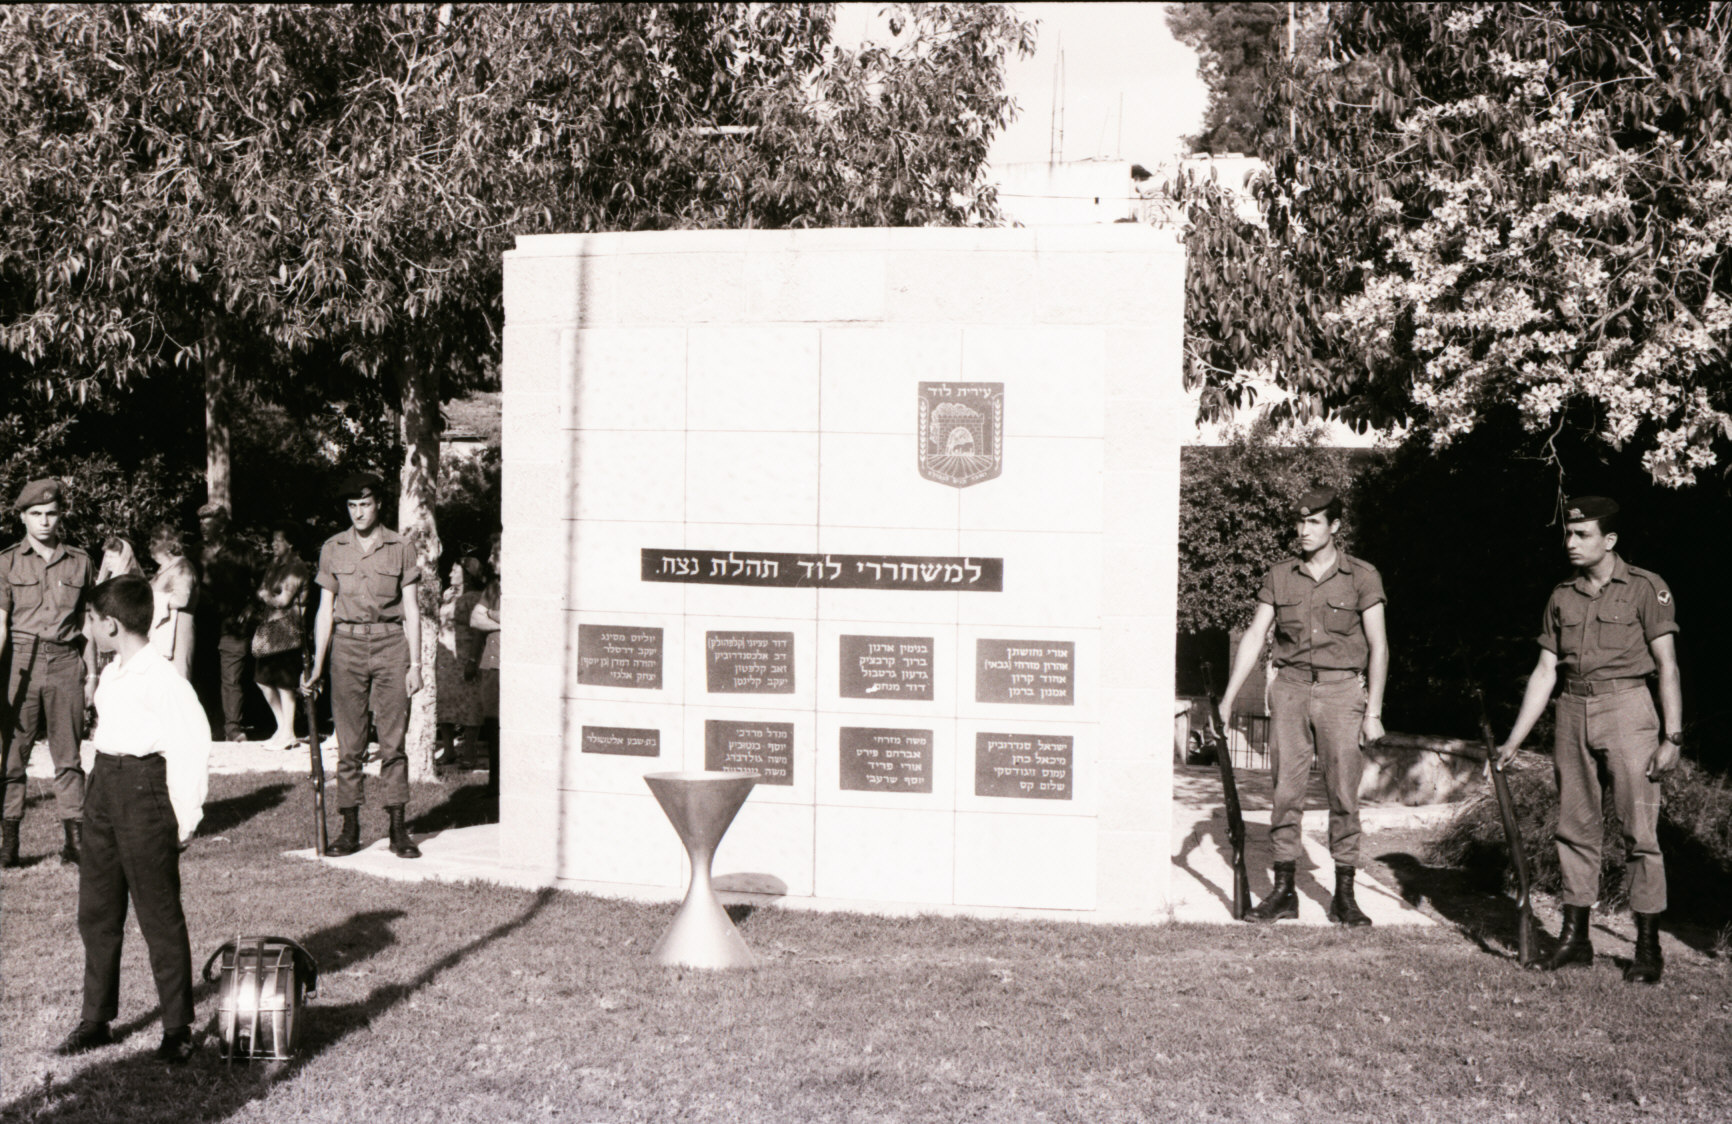 File:PikiWiki Israel 19490 Israel Defense Forces.jpg